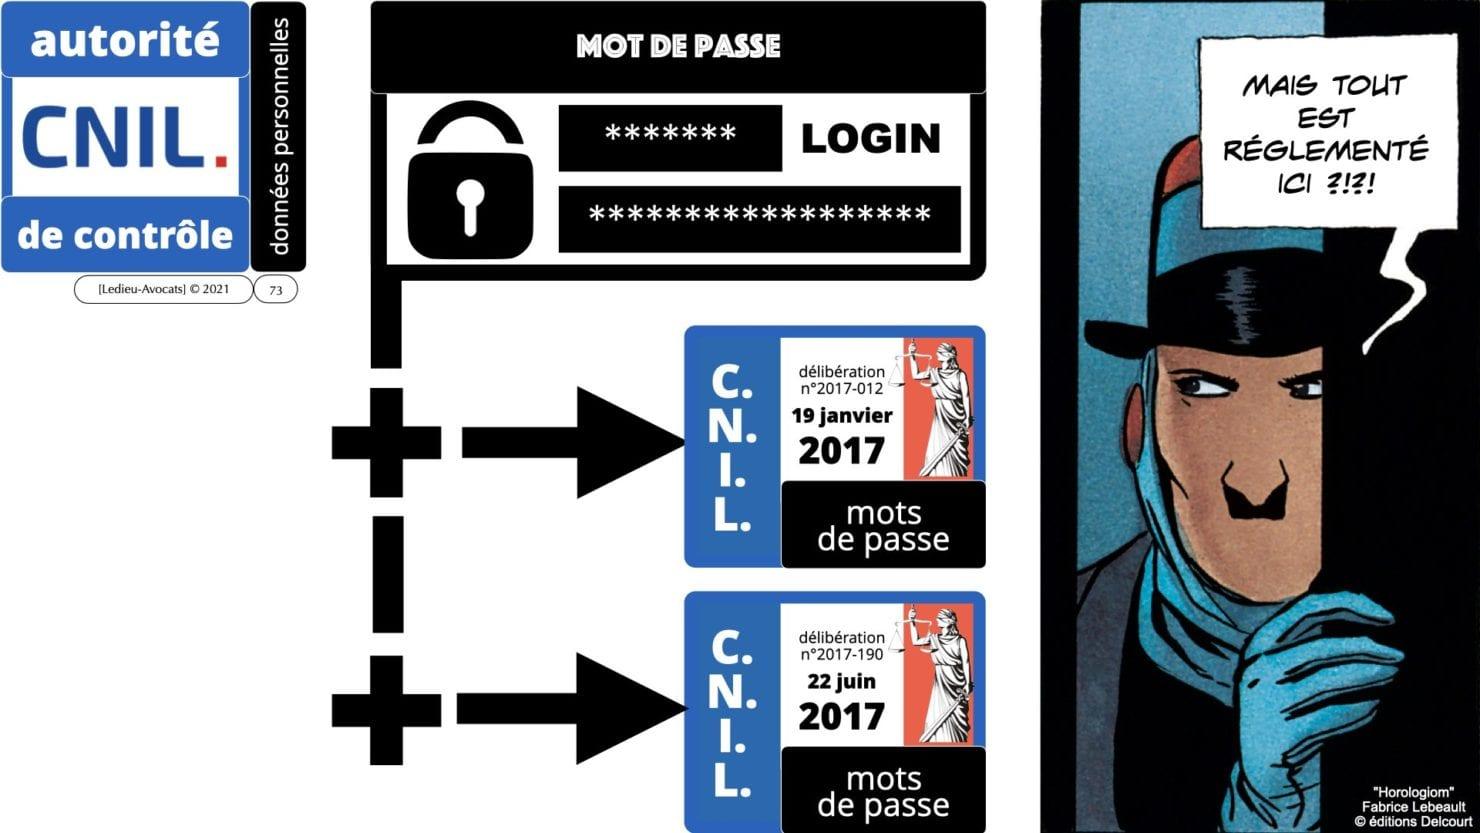 342 cyber sécurité #2 OIV OSE analyse risque EBIOS RM © Ledieu-avocat 15-07-2021.073